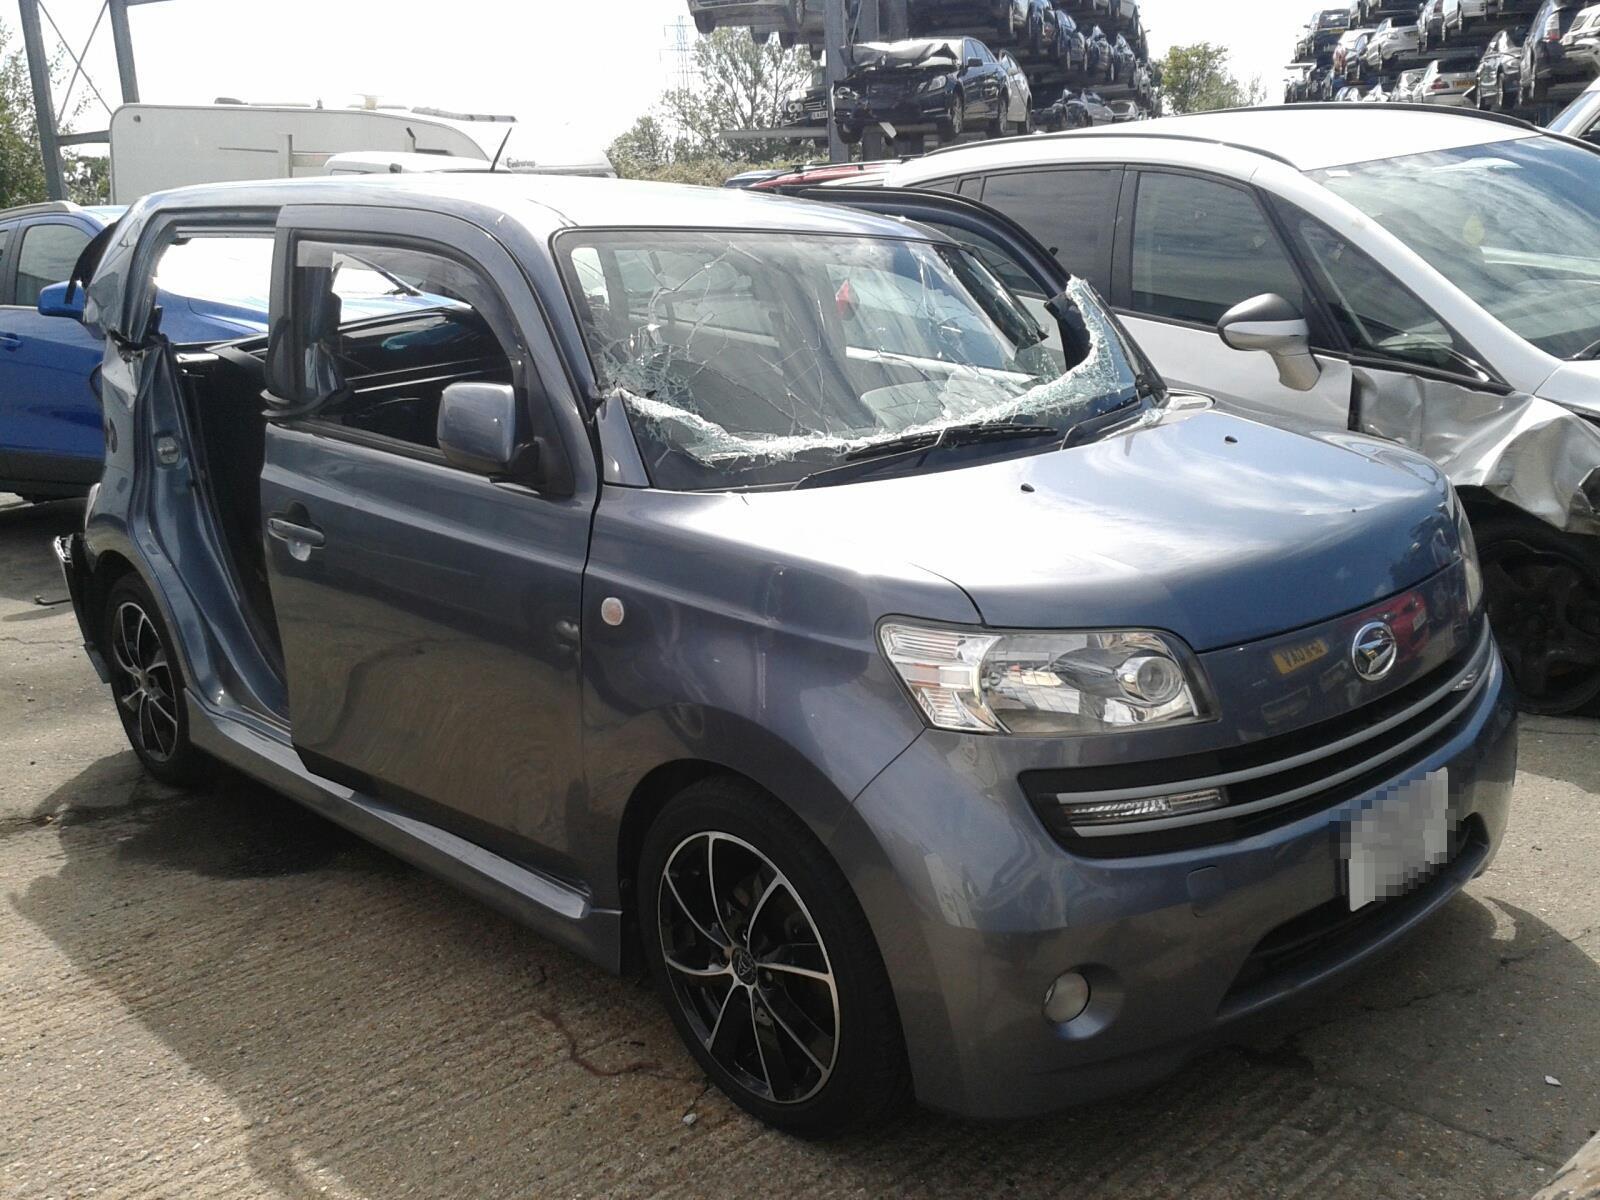 Daihatsu Materia 2007 To 2010 M.P.V. Daihatsu Materia 2007 To 2010 M.P.V.  ...